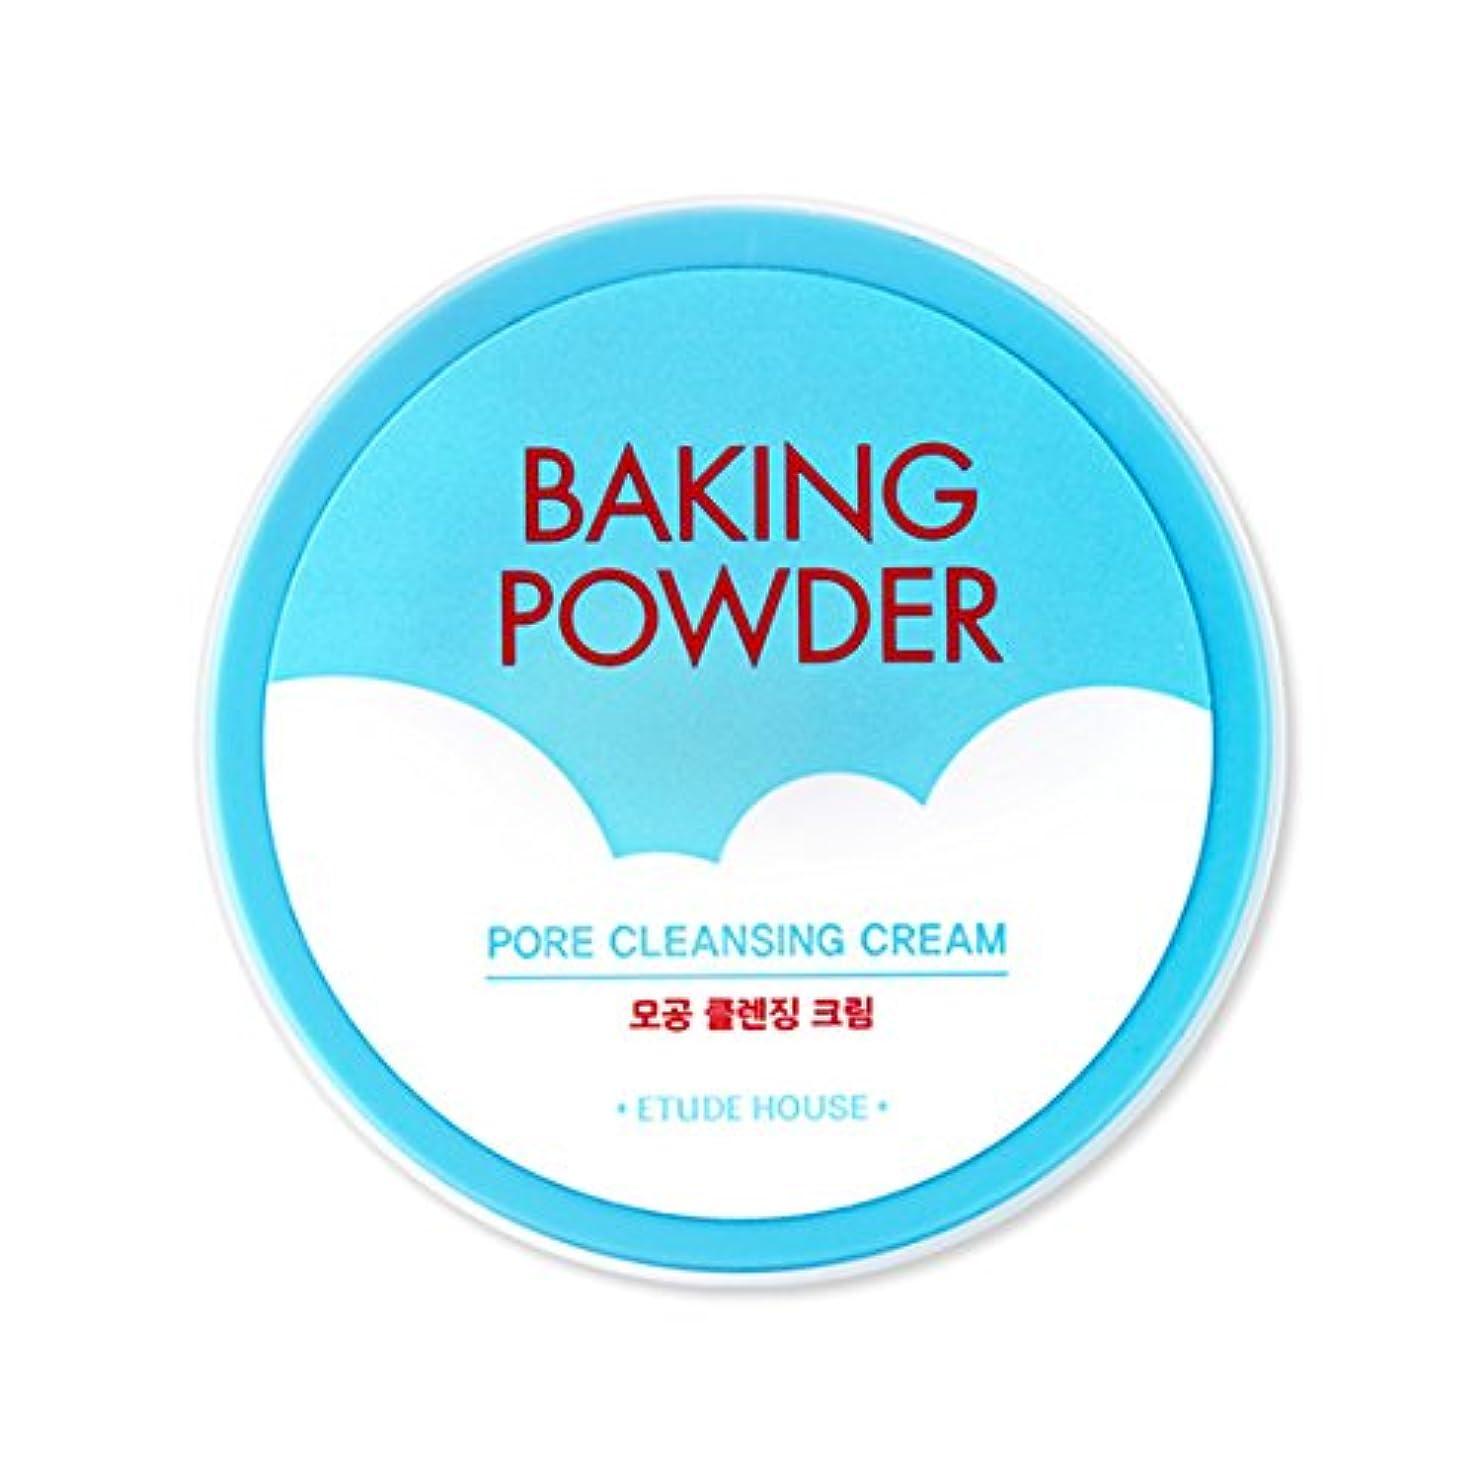 名門床認める[2016 Upgrade!] ETUDE HOUSE Baking Powder Pore Cleansing Cream 180ml/エチュードハウス ベーキング パウダー ポア クレンジング クリーム 180ml...